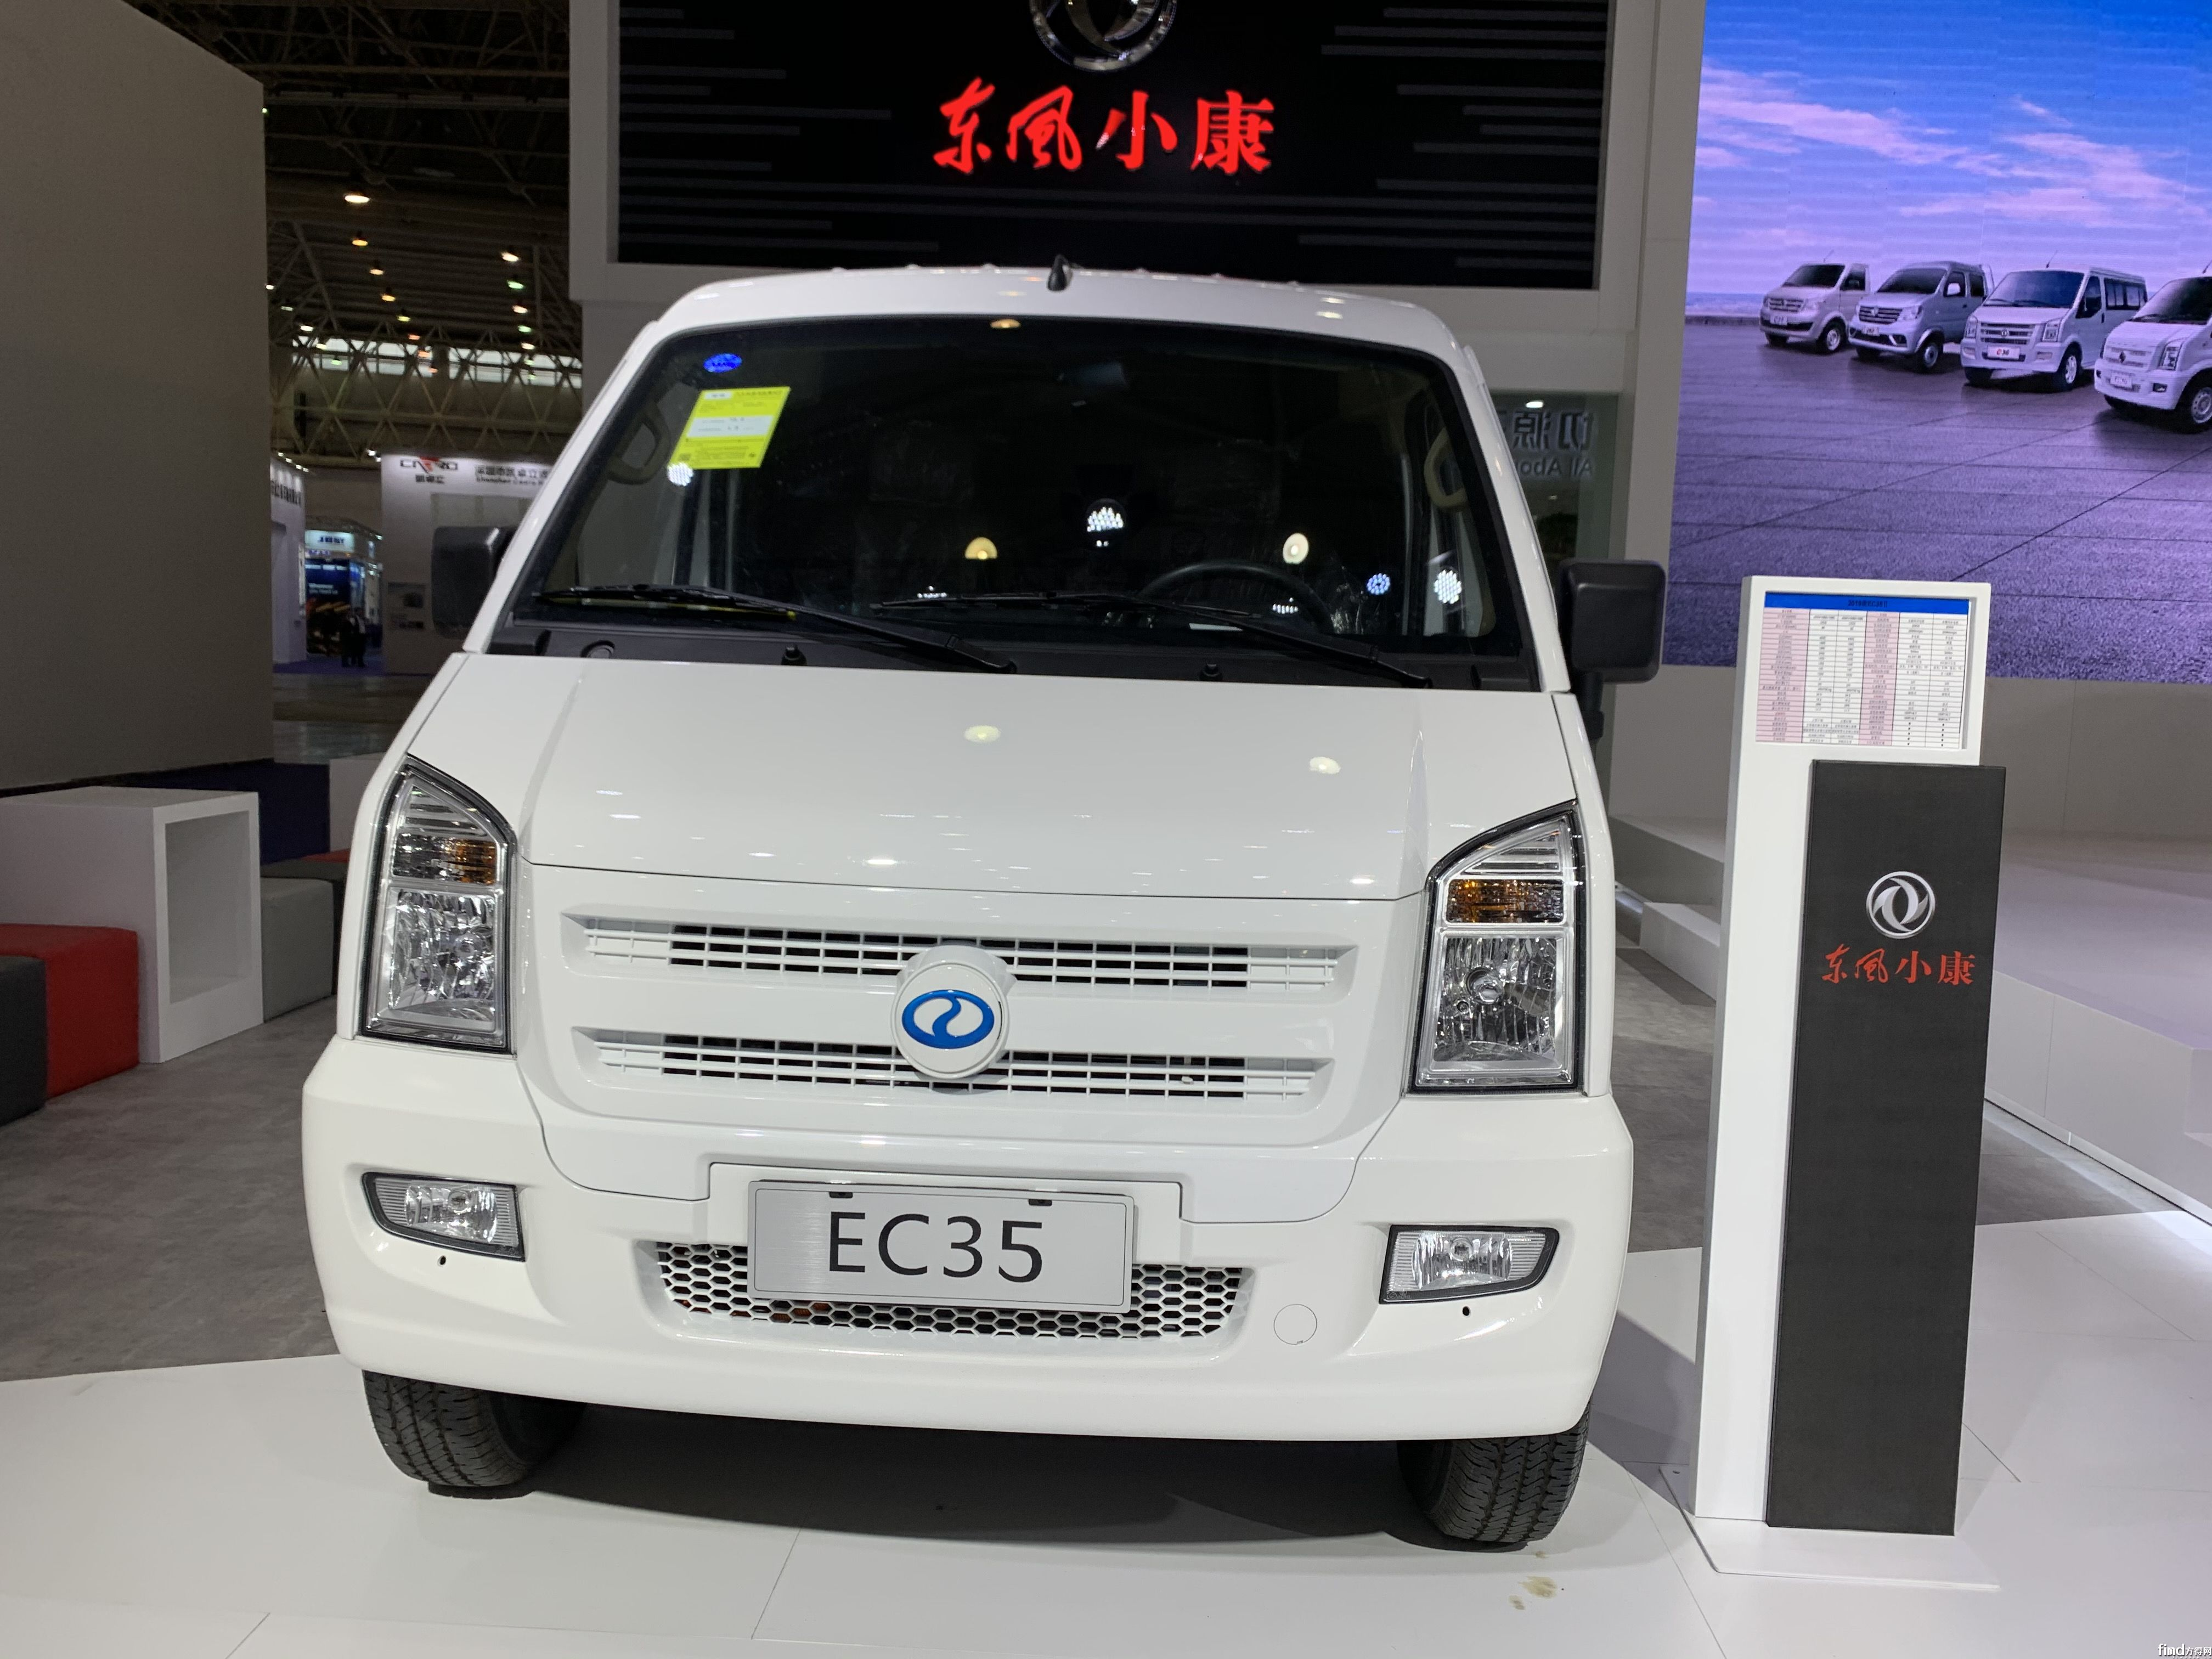 东风小康EC35 (2)